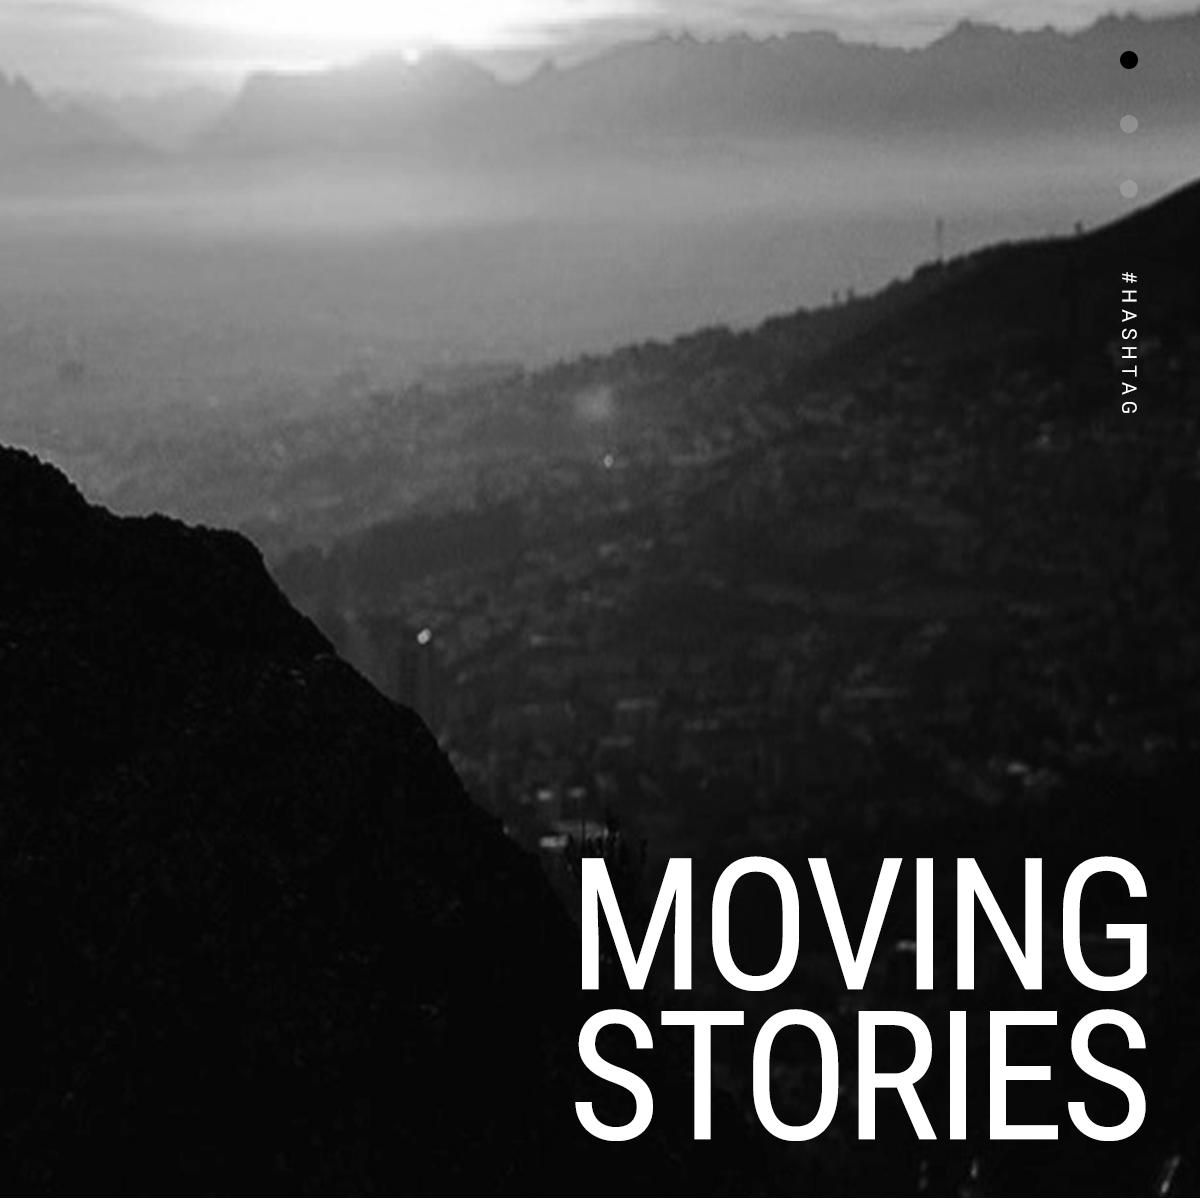 Moving Stories - Online platform